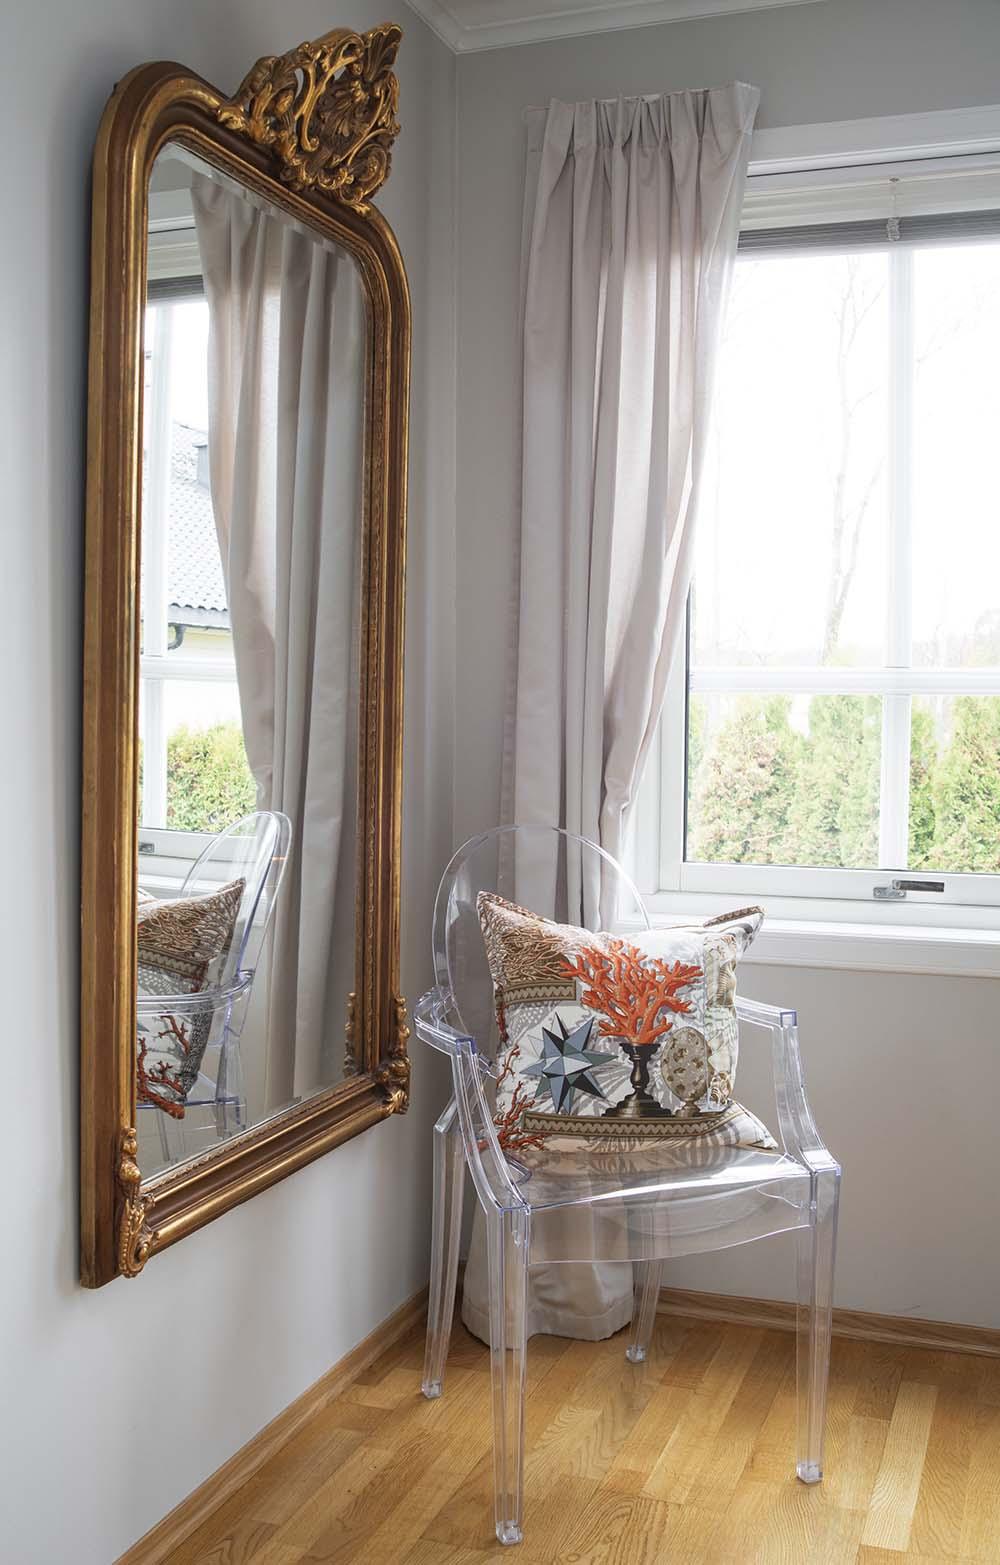 speil, antikk, interiør, gullspeil